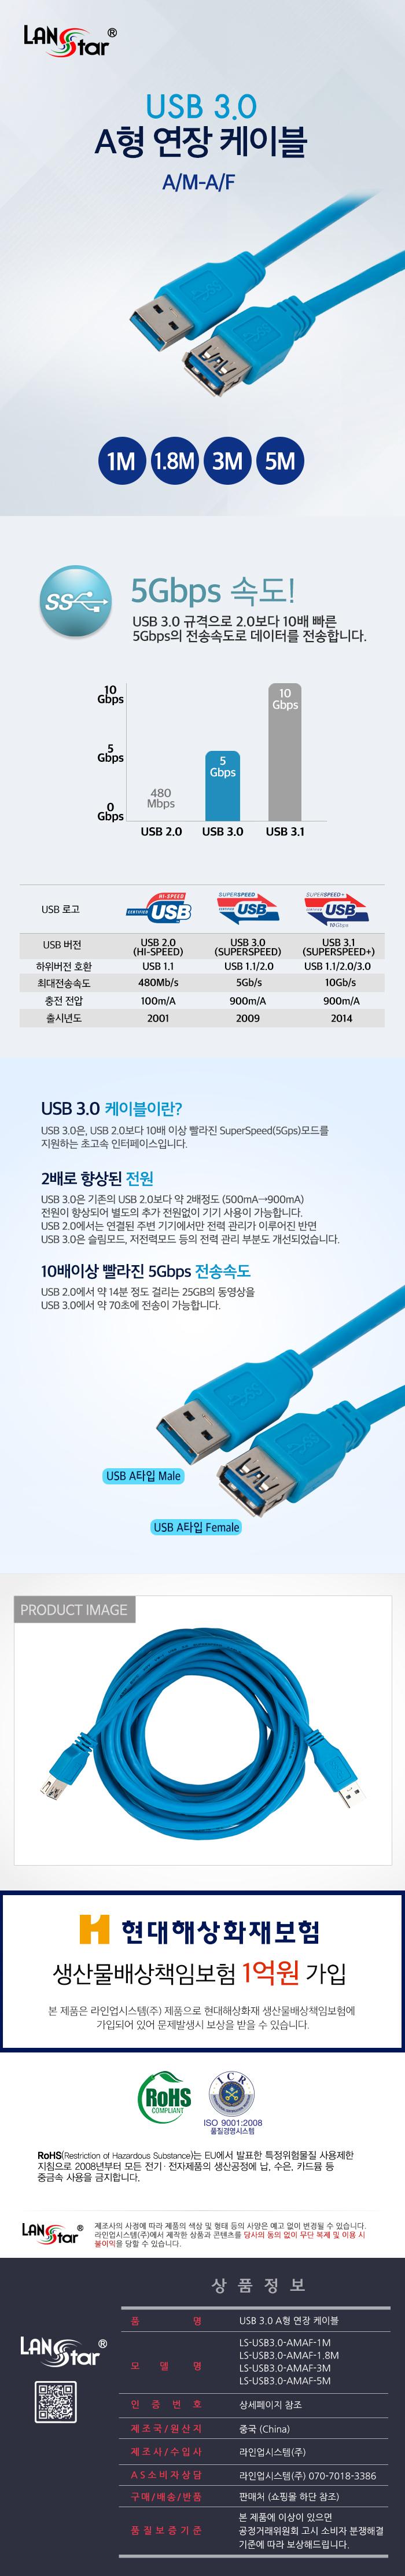 라인업시스템 LANSTAR USB 3.0 A형 연장 케이블 (LS-USB3.0-AMAF, 5m)